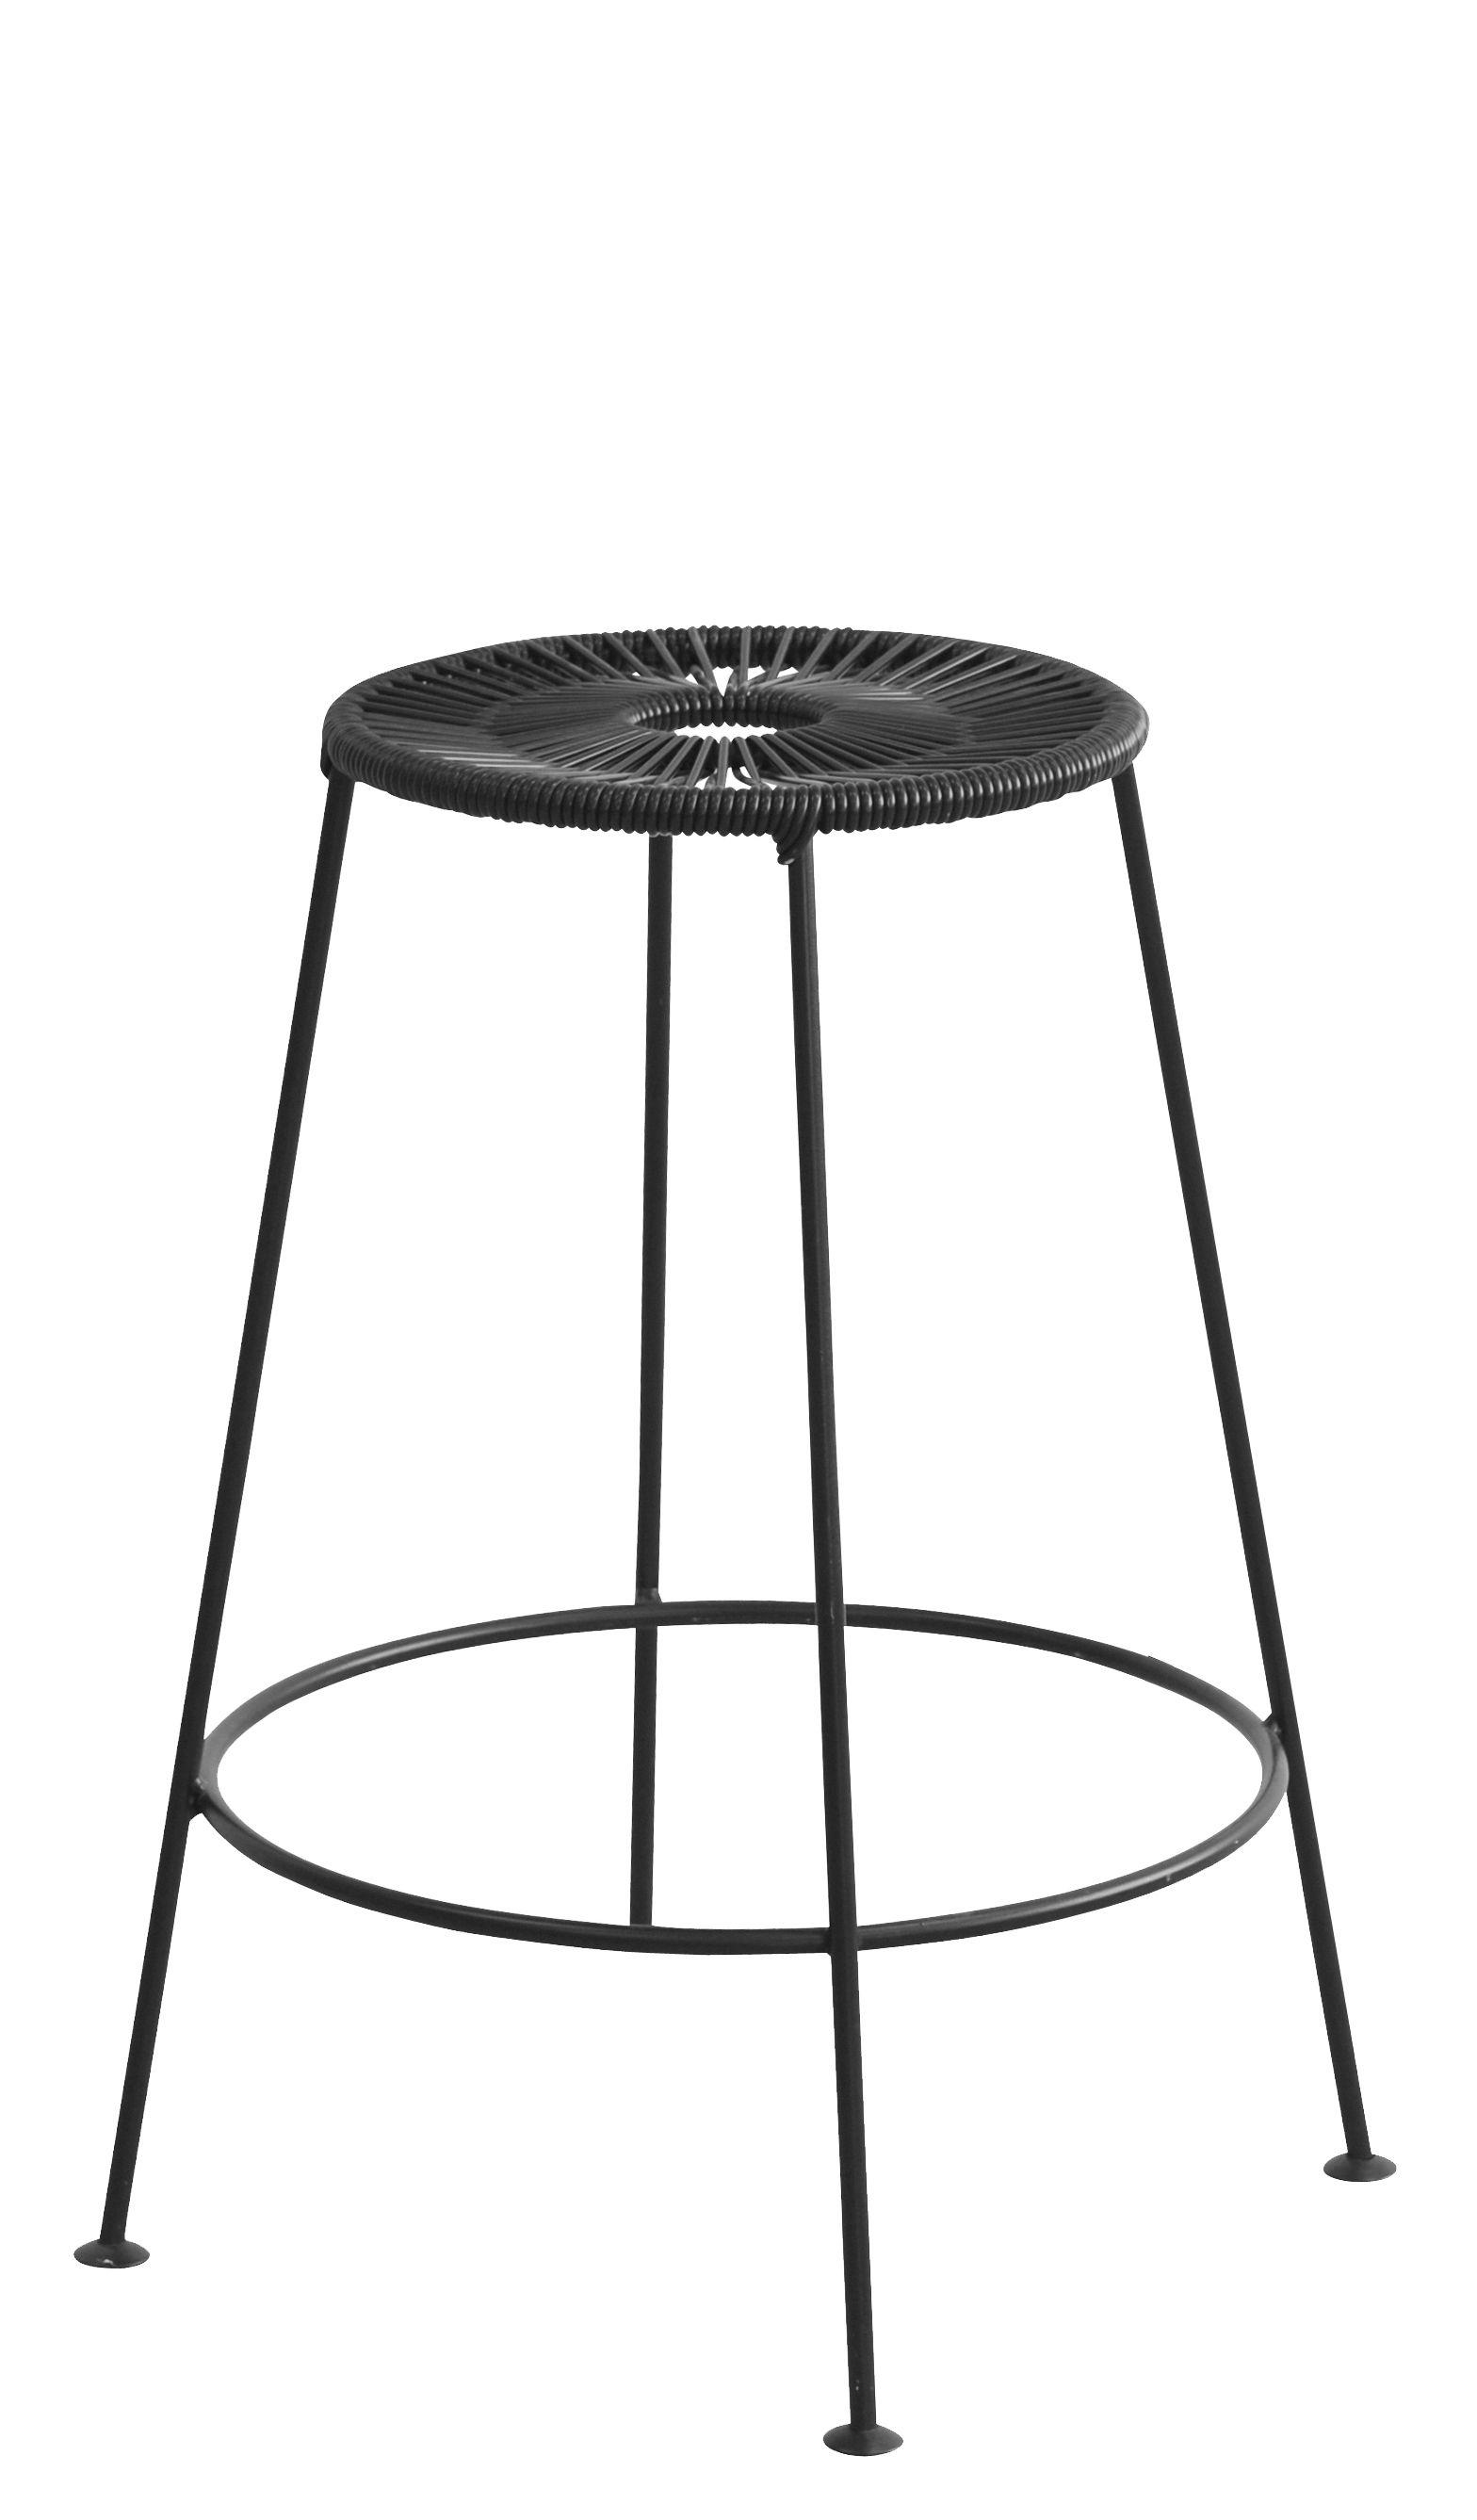 Arredamento - Sgabelli da bar  - Sgabello da bar Acapulco / H 66 cm - OK Design per Sentou Edition - Nero - Acciaio laccato epossidico, Corda in plastica